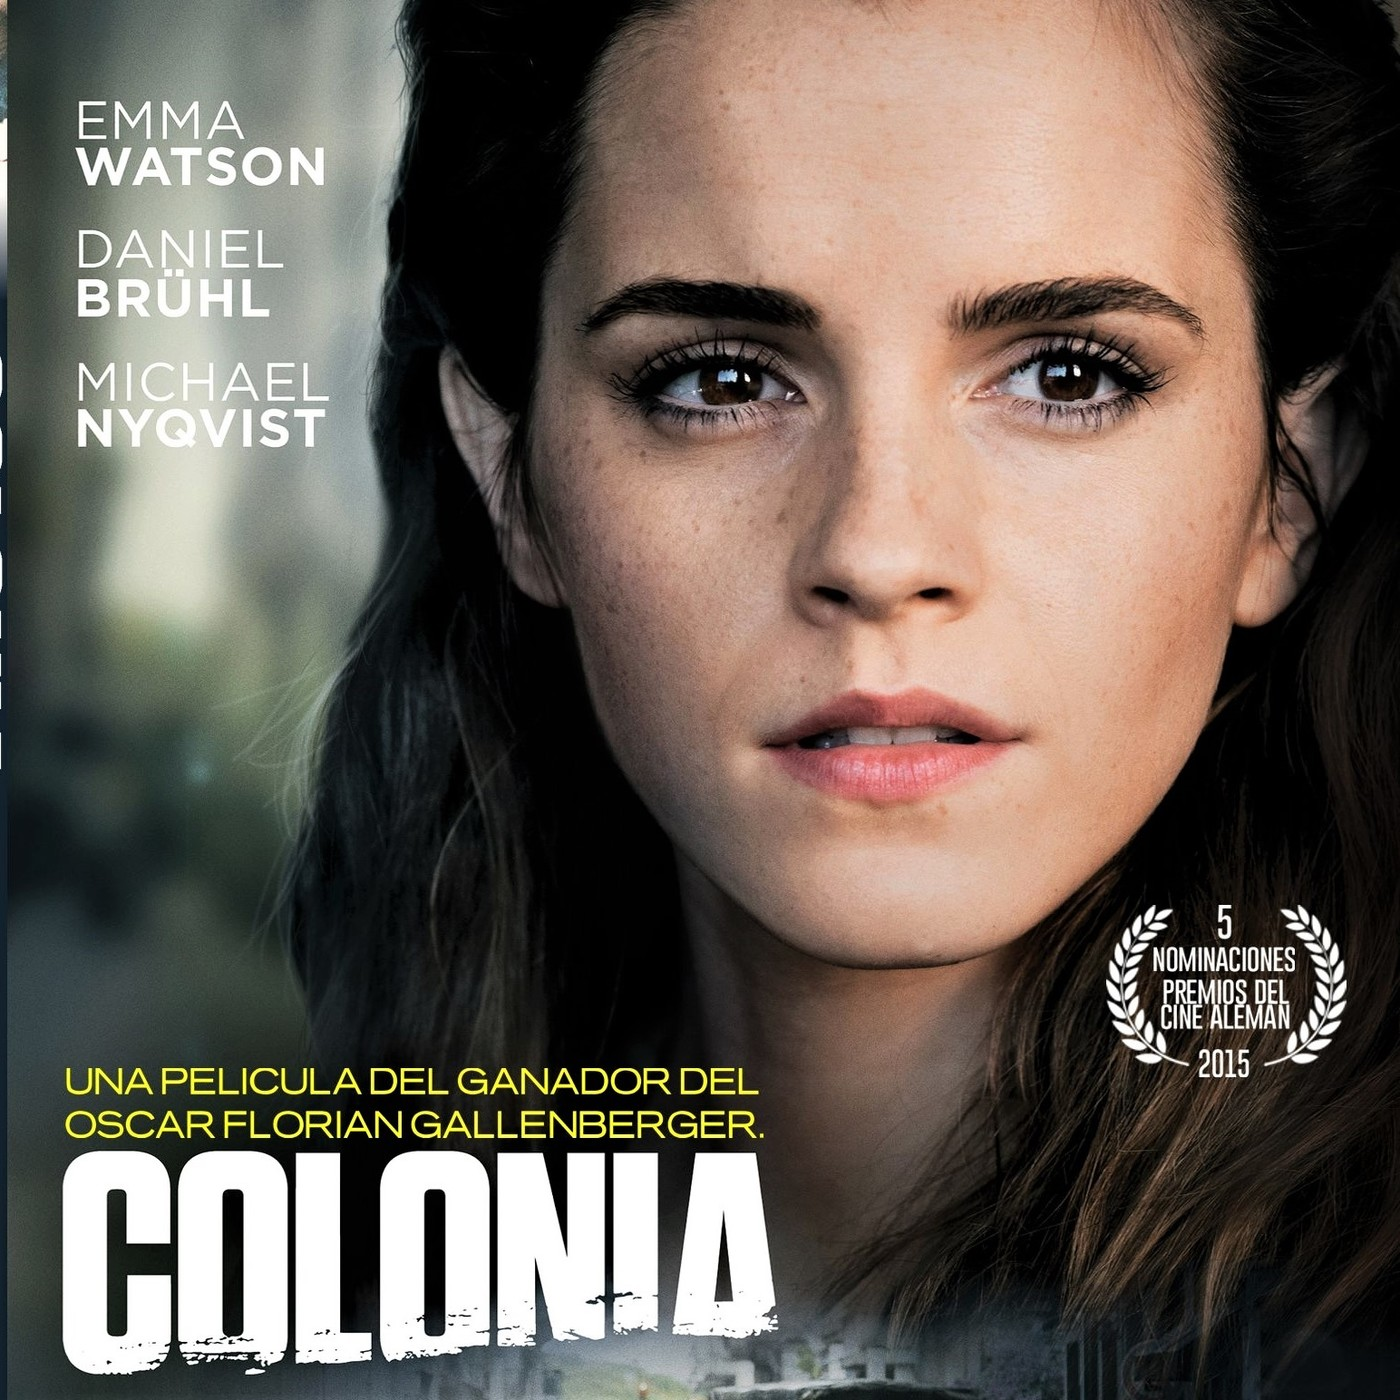 Colonia Peliculas Audesc Podcast Thriller Drama